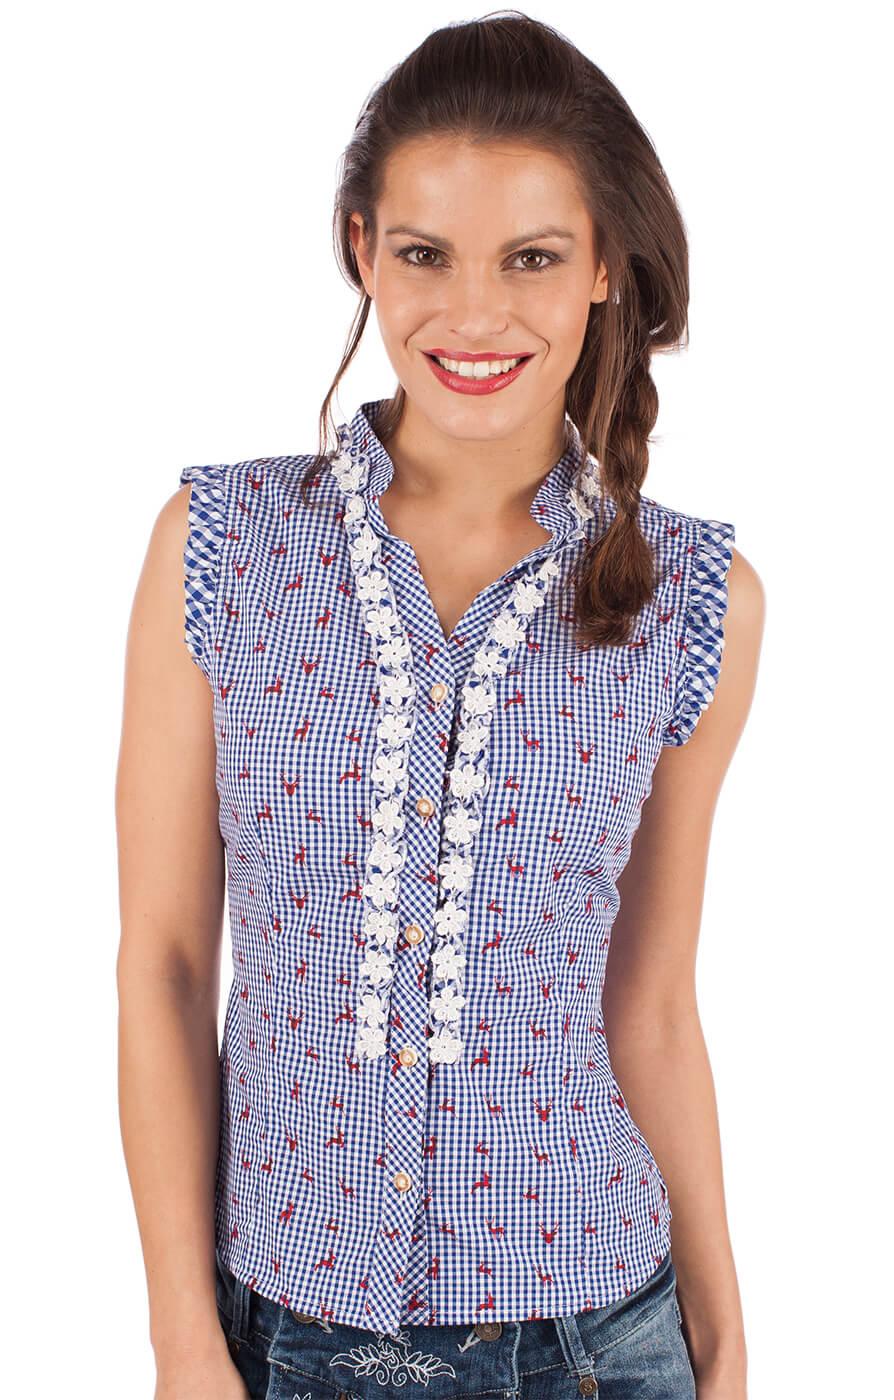 Trachten blouse BOBI-CO jeans blue von Almsach